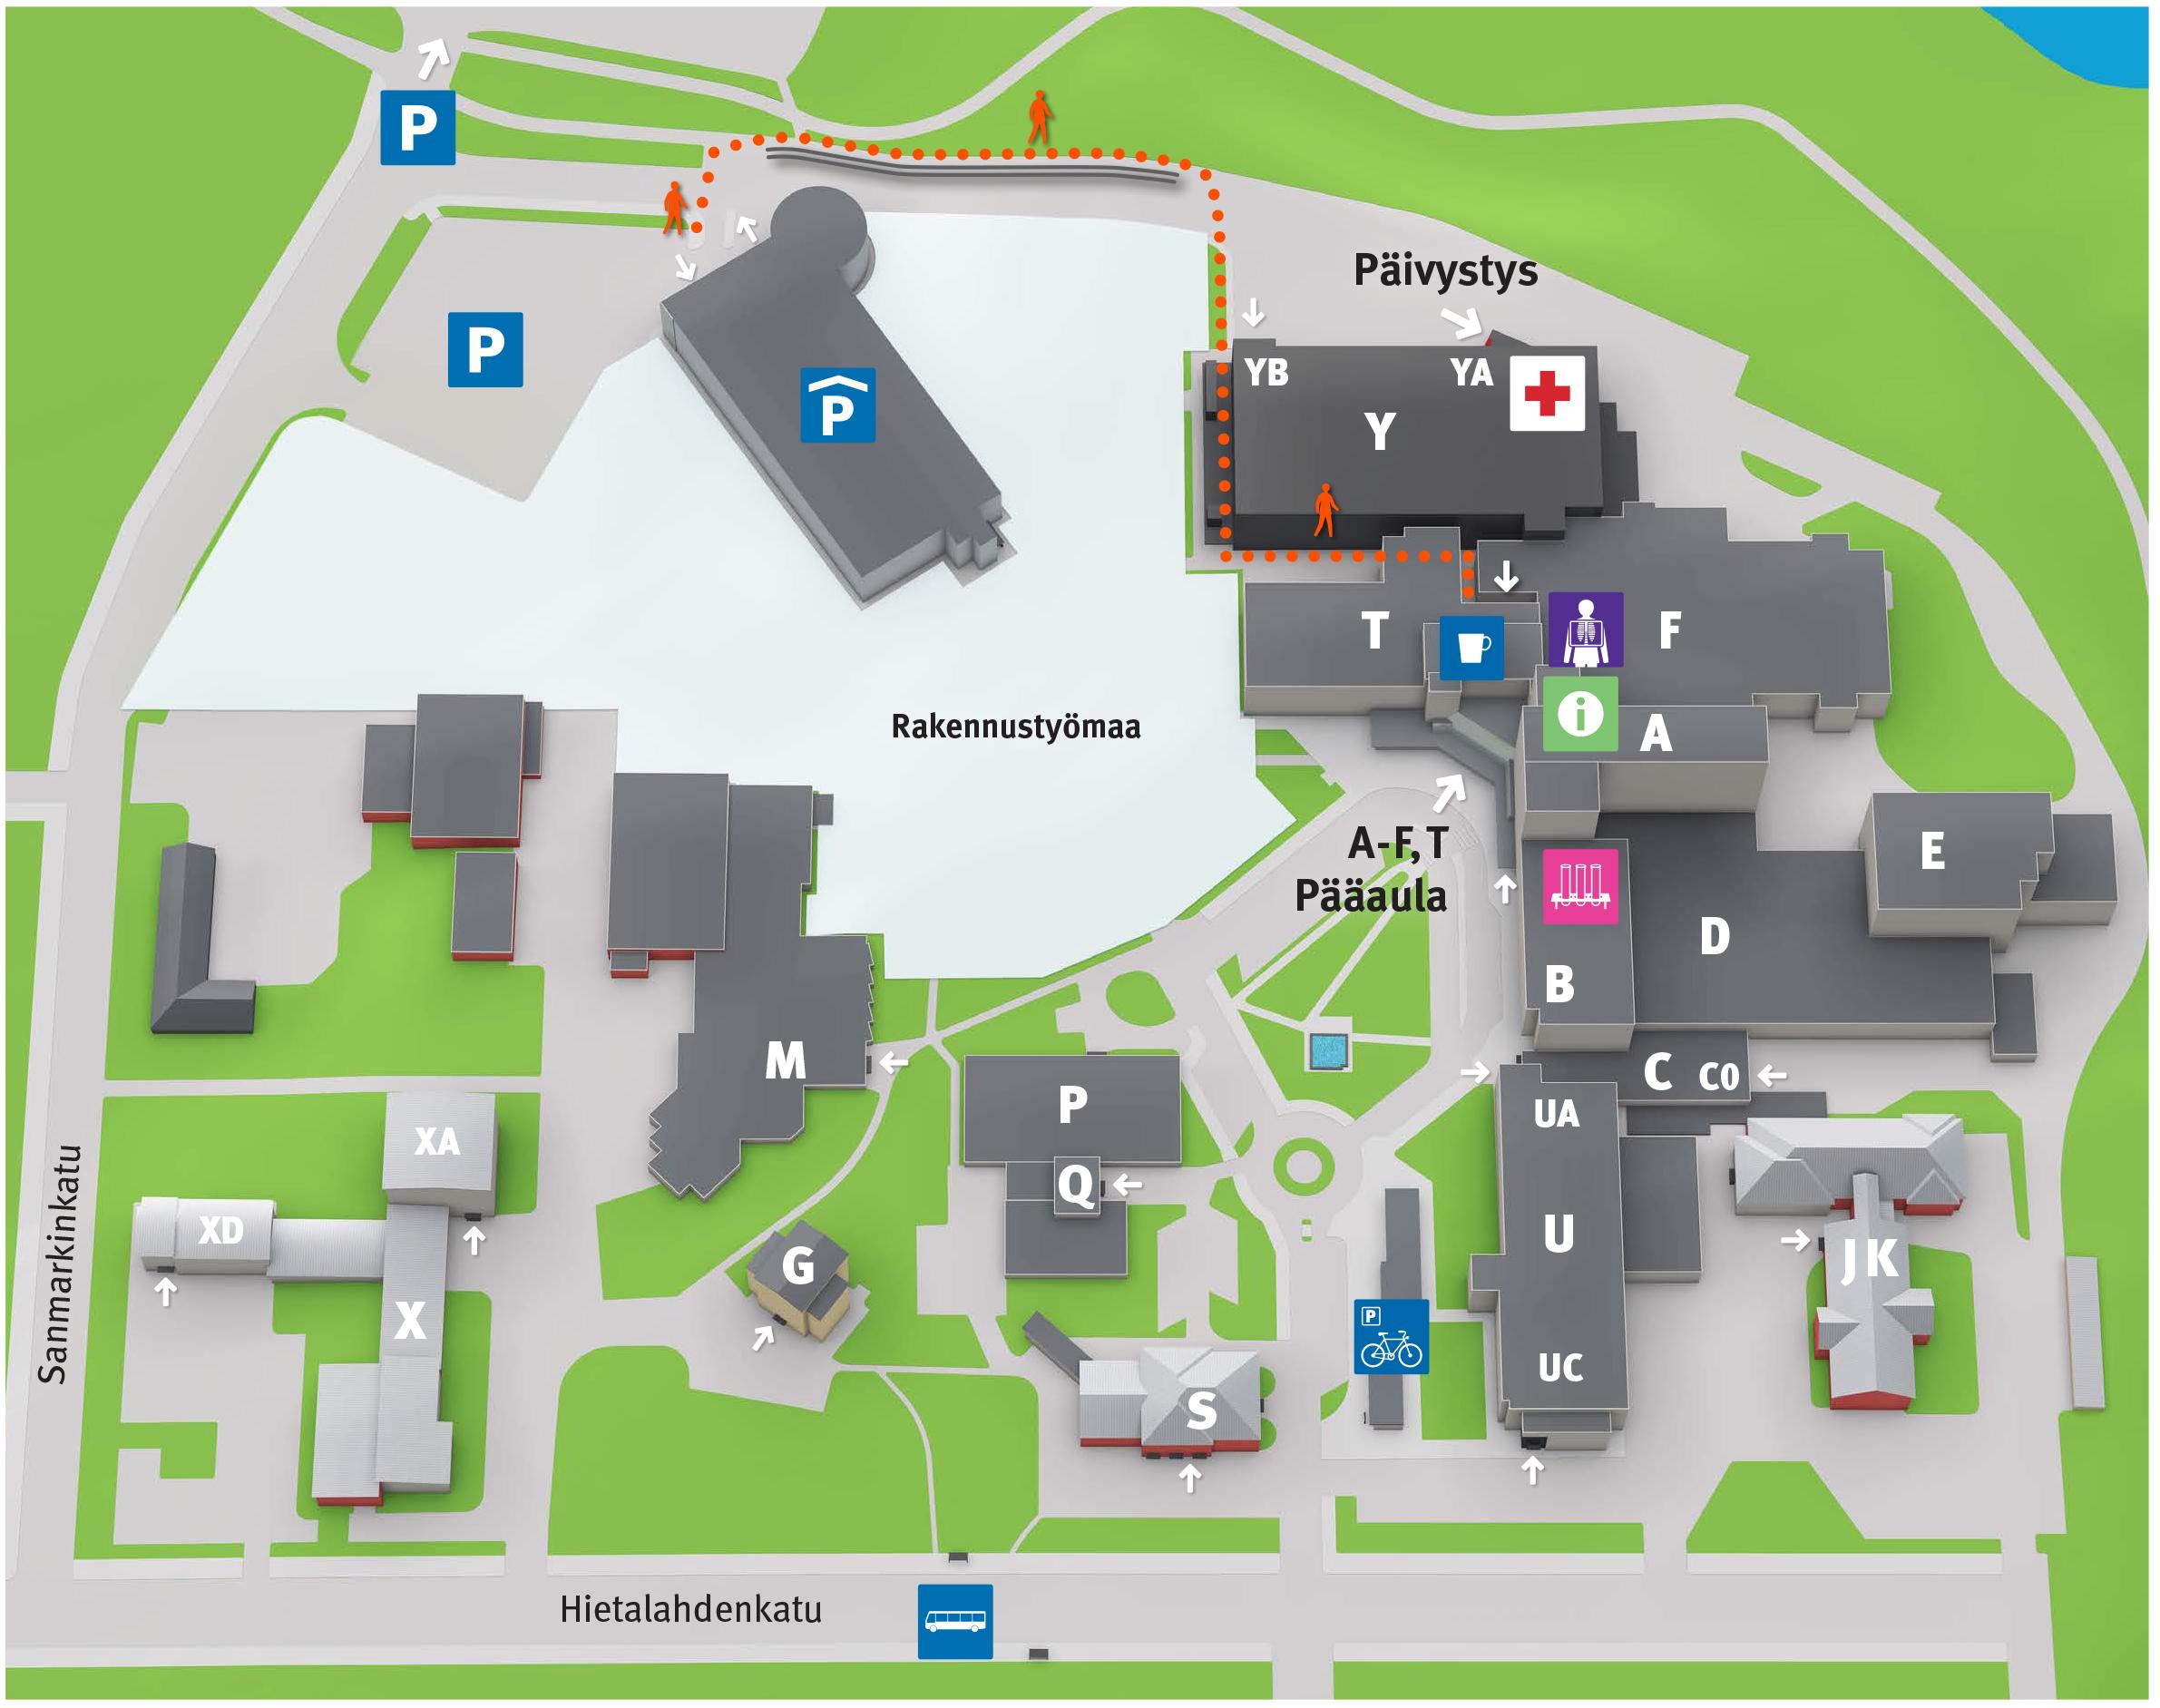 Sairaala Alue Hietalahdessa Kartta Vaasan Keskussairaala